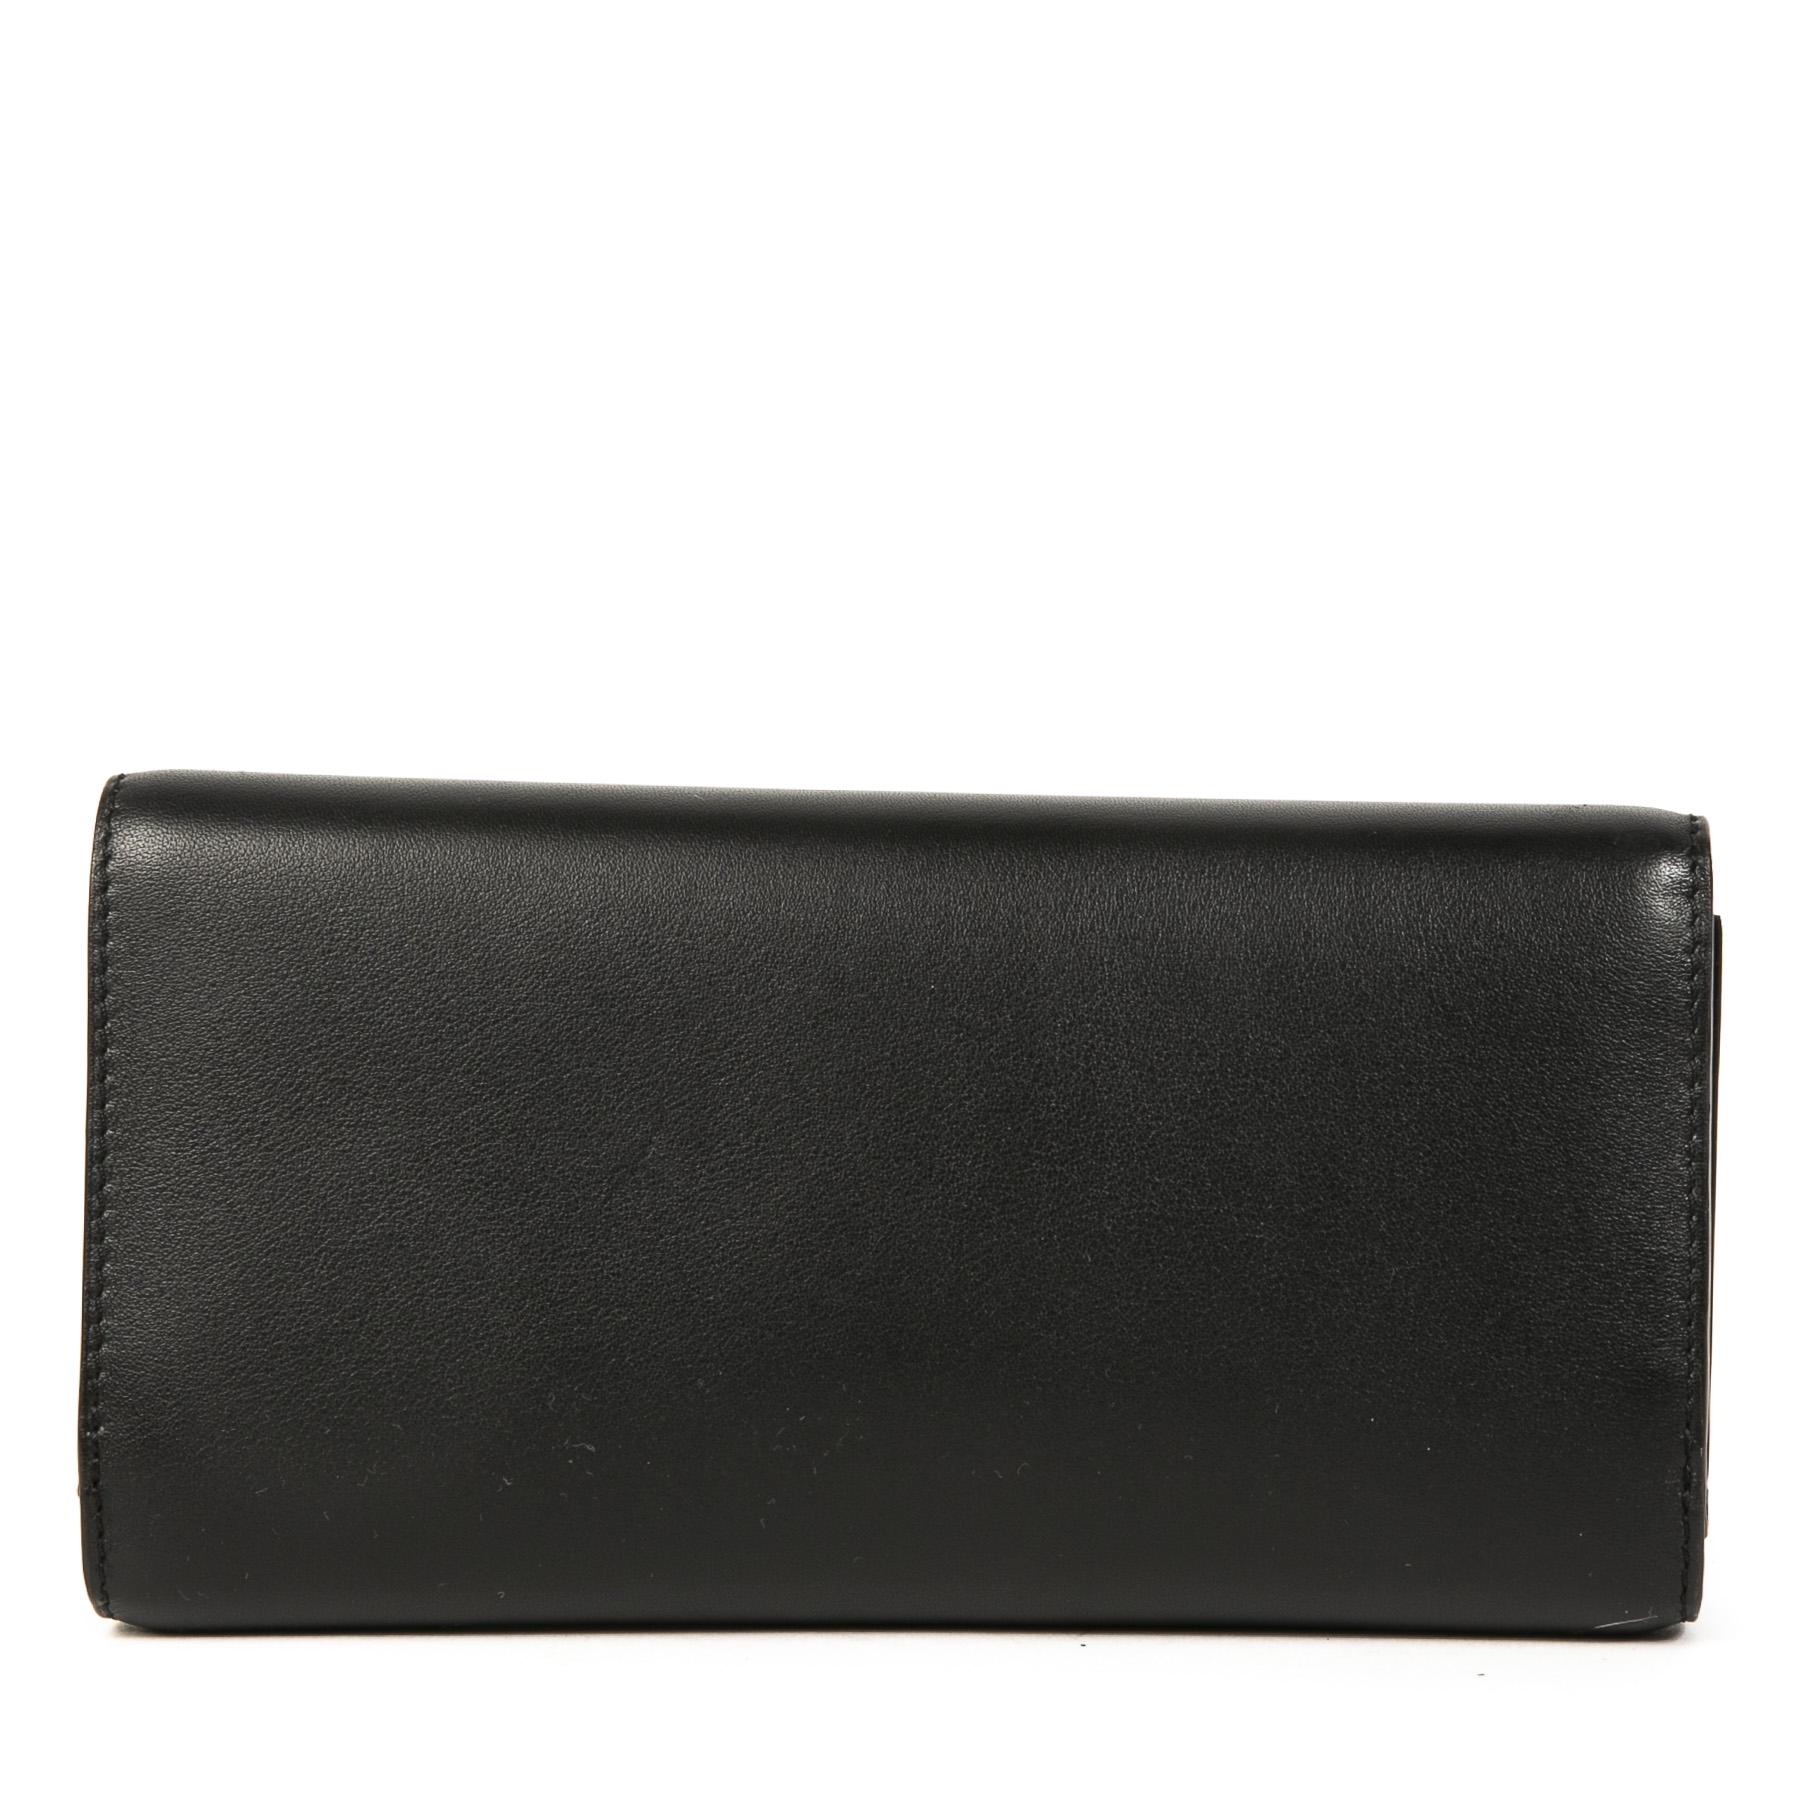 Authentieke Tweedehands Delvaux Black Leather Wallet juiste prijs veilig online shoppen luxe merken webshop winkelen Antwerpen België mode fashion